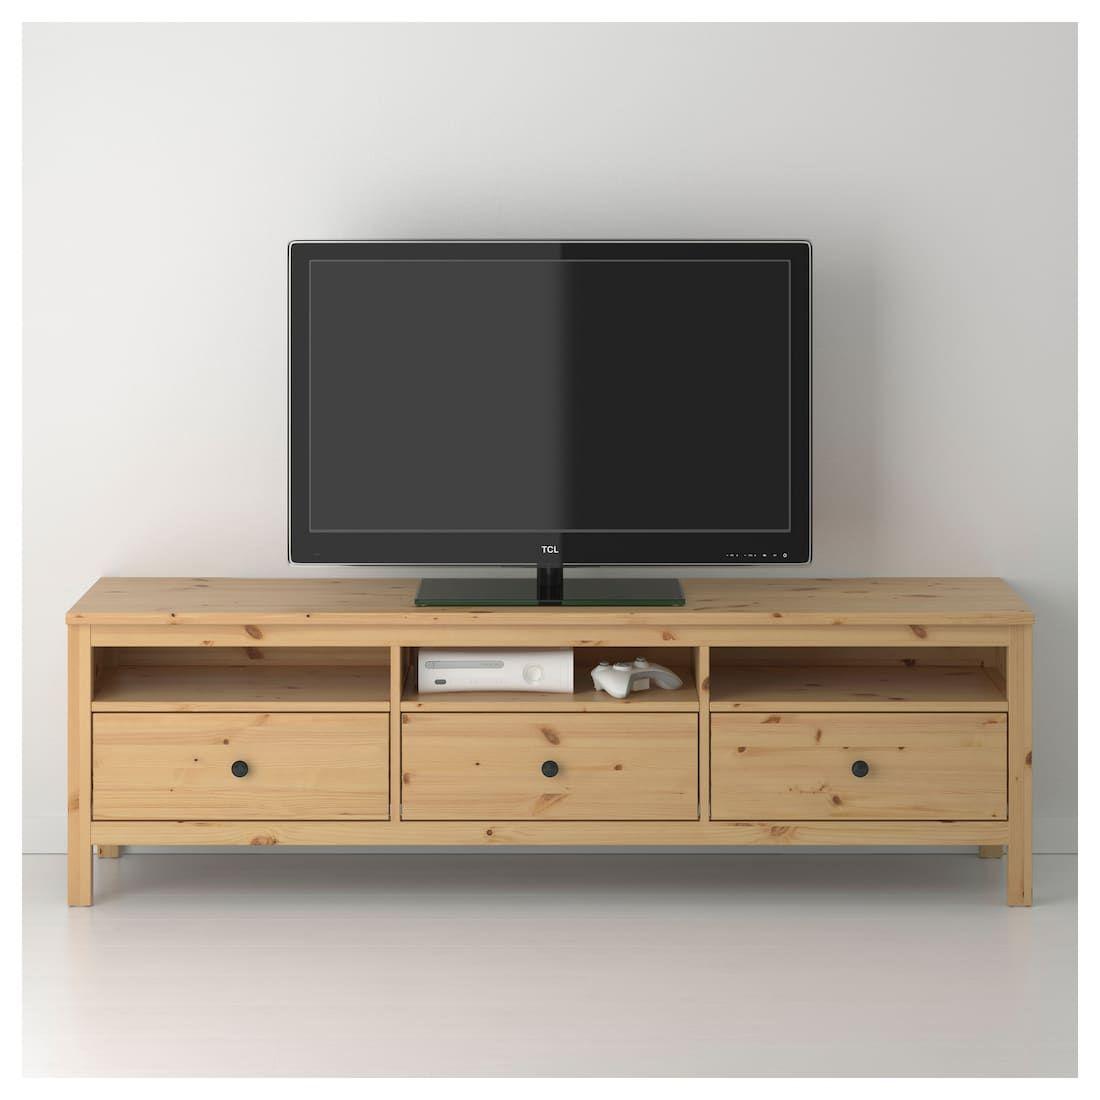 Hemnes Tv Unit Light Brown 72x18 1 2x22 1 2 Hemnes Ikea Evler